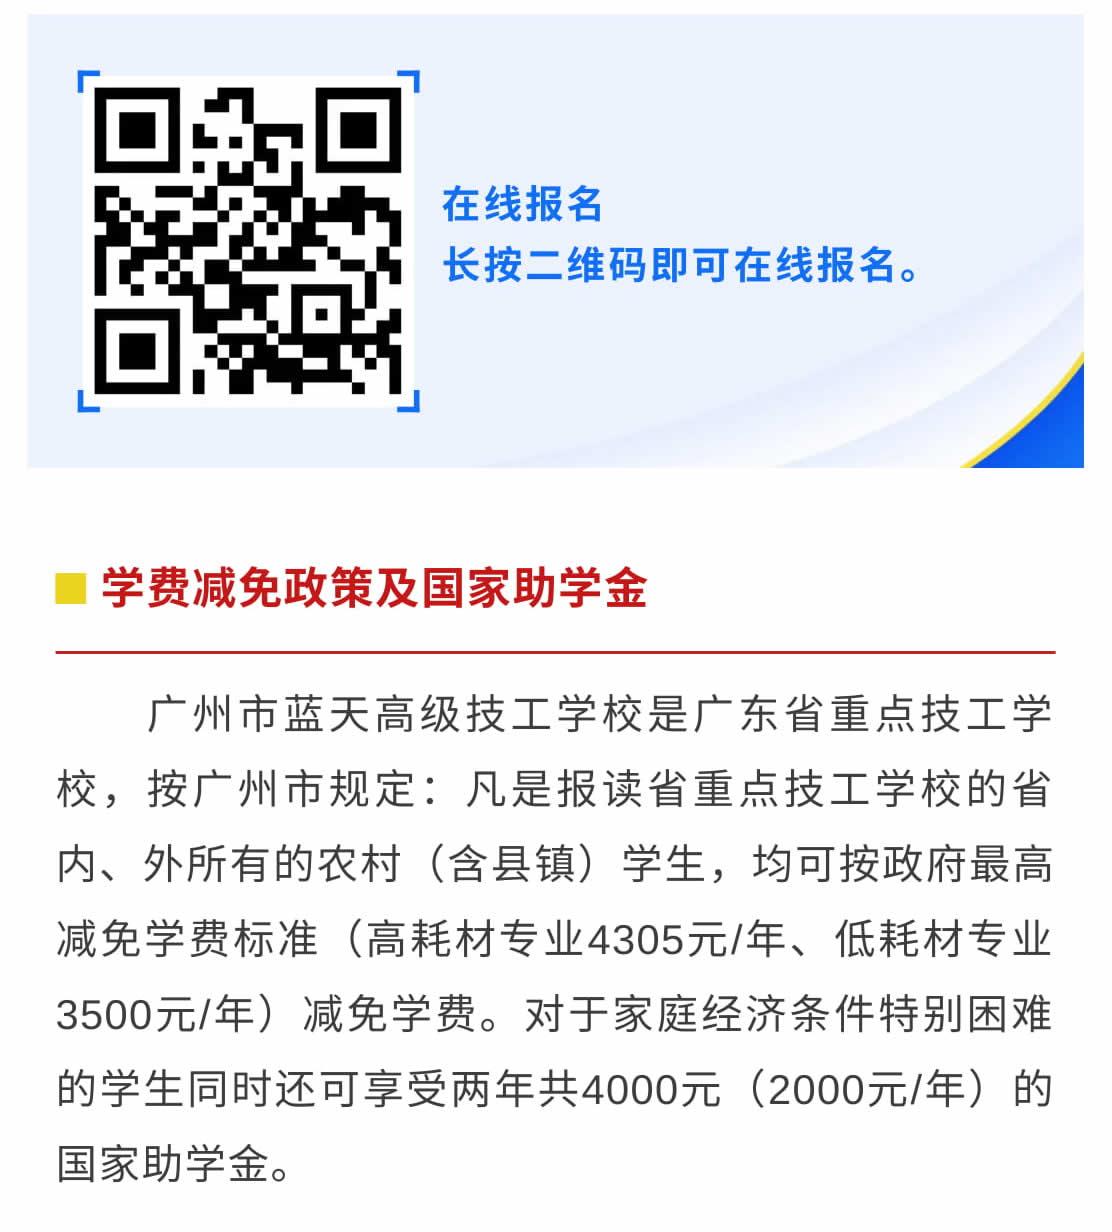 计算机广告制作(初中起点三年制)-1_r8_c1.jpg